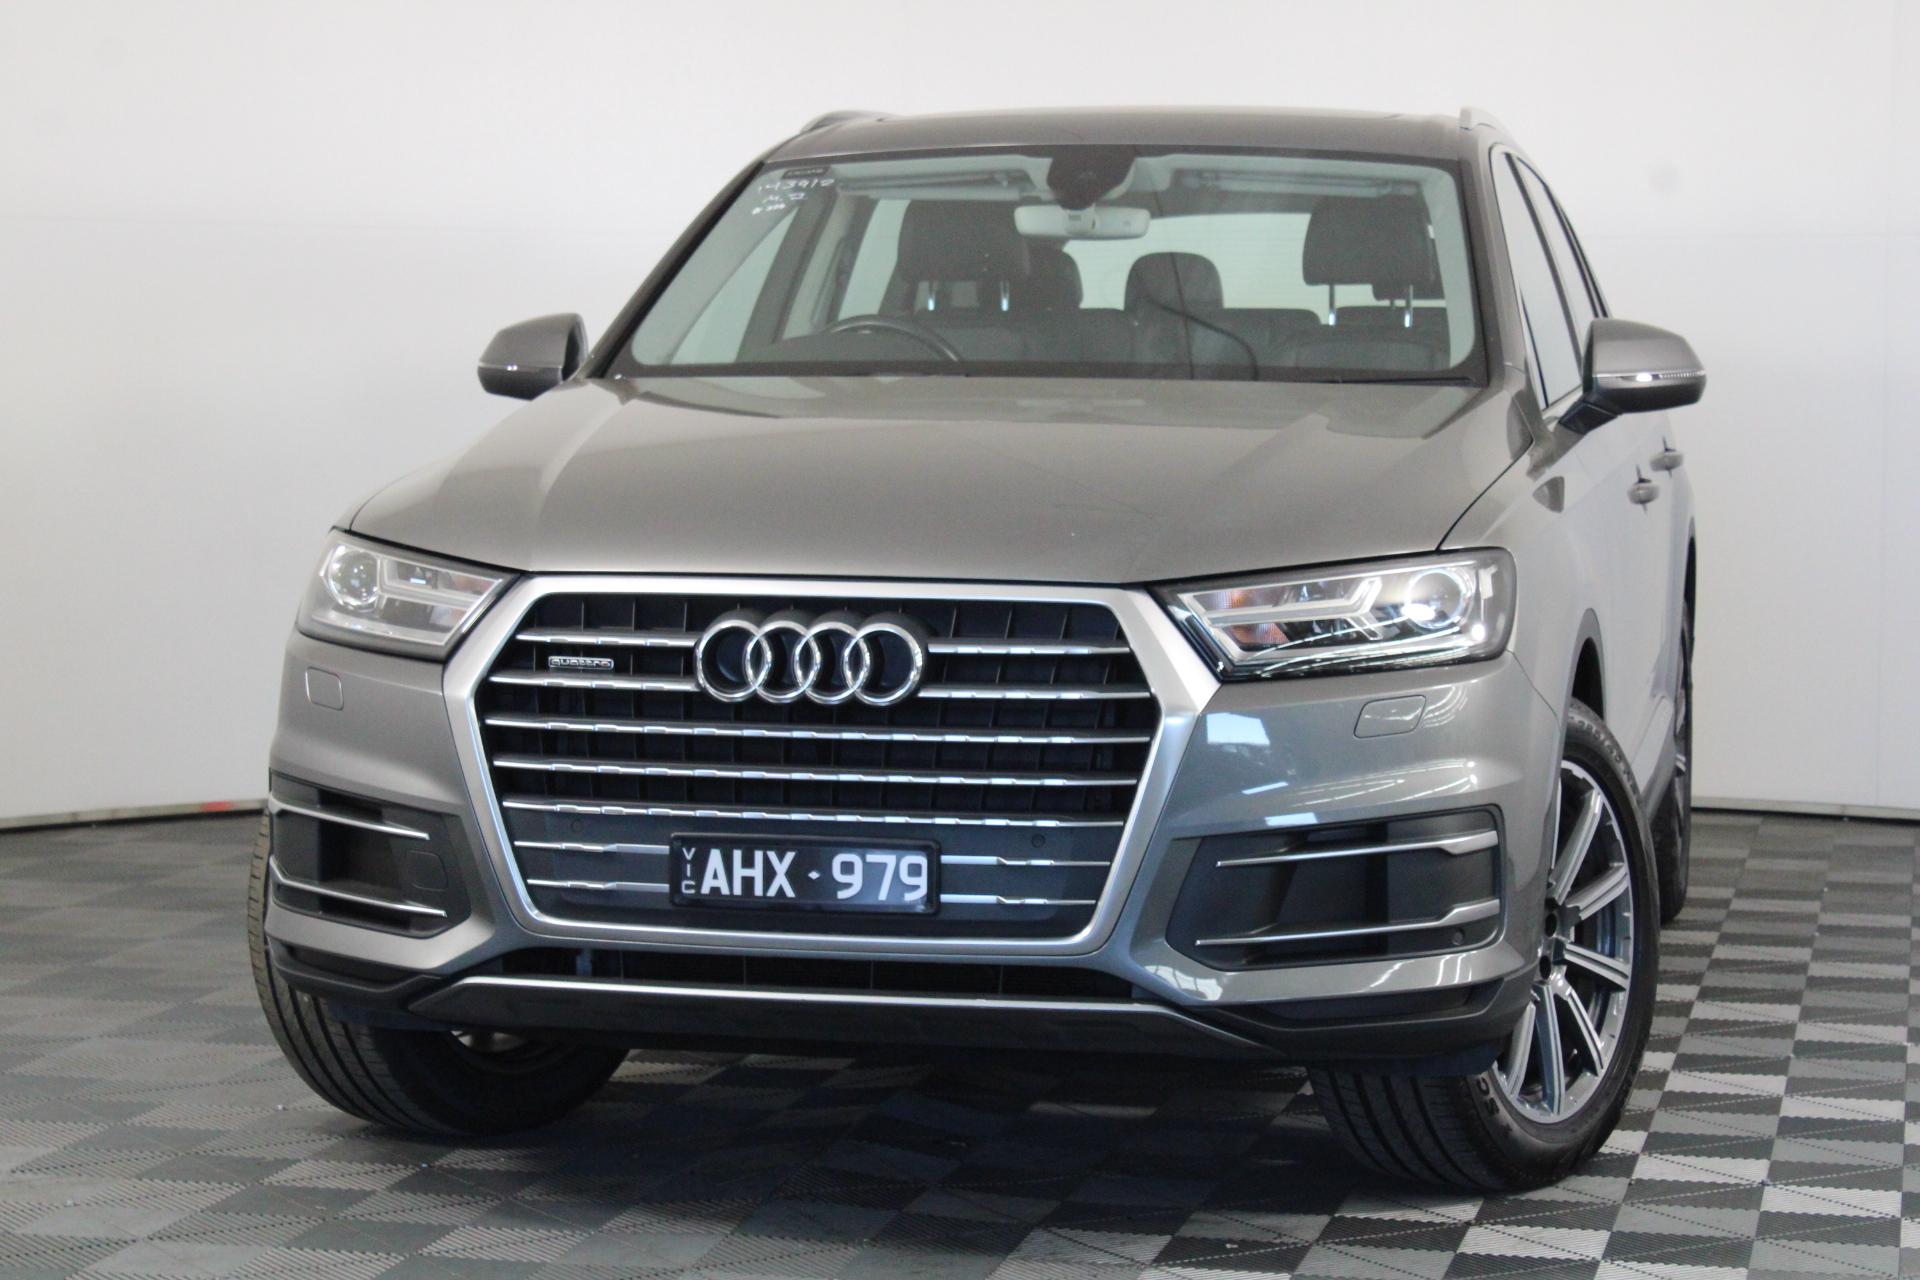 2016 Audi Q7 3.0 TDI Quattro 4M Turbo Diesel Auto 8 Speed 7 Seats Wagon